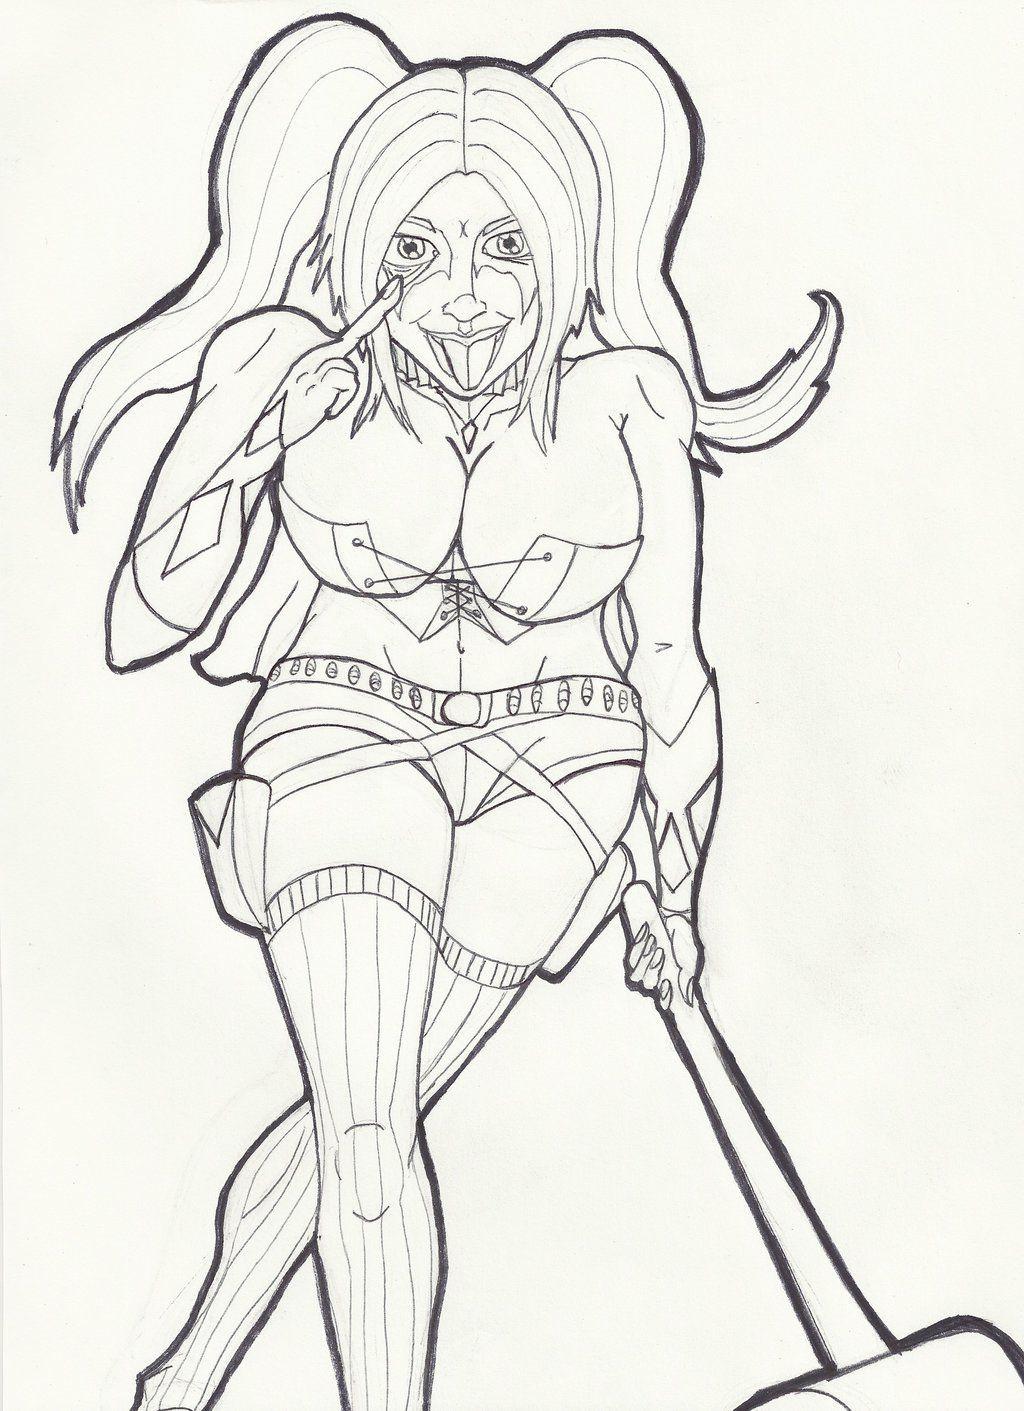 Die Besten Ideen Für Harley Quinn Ausmalbilder - Beste ...